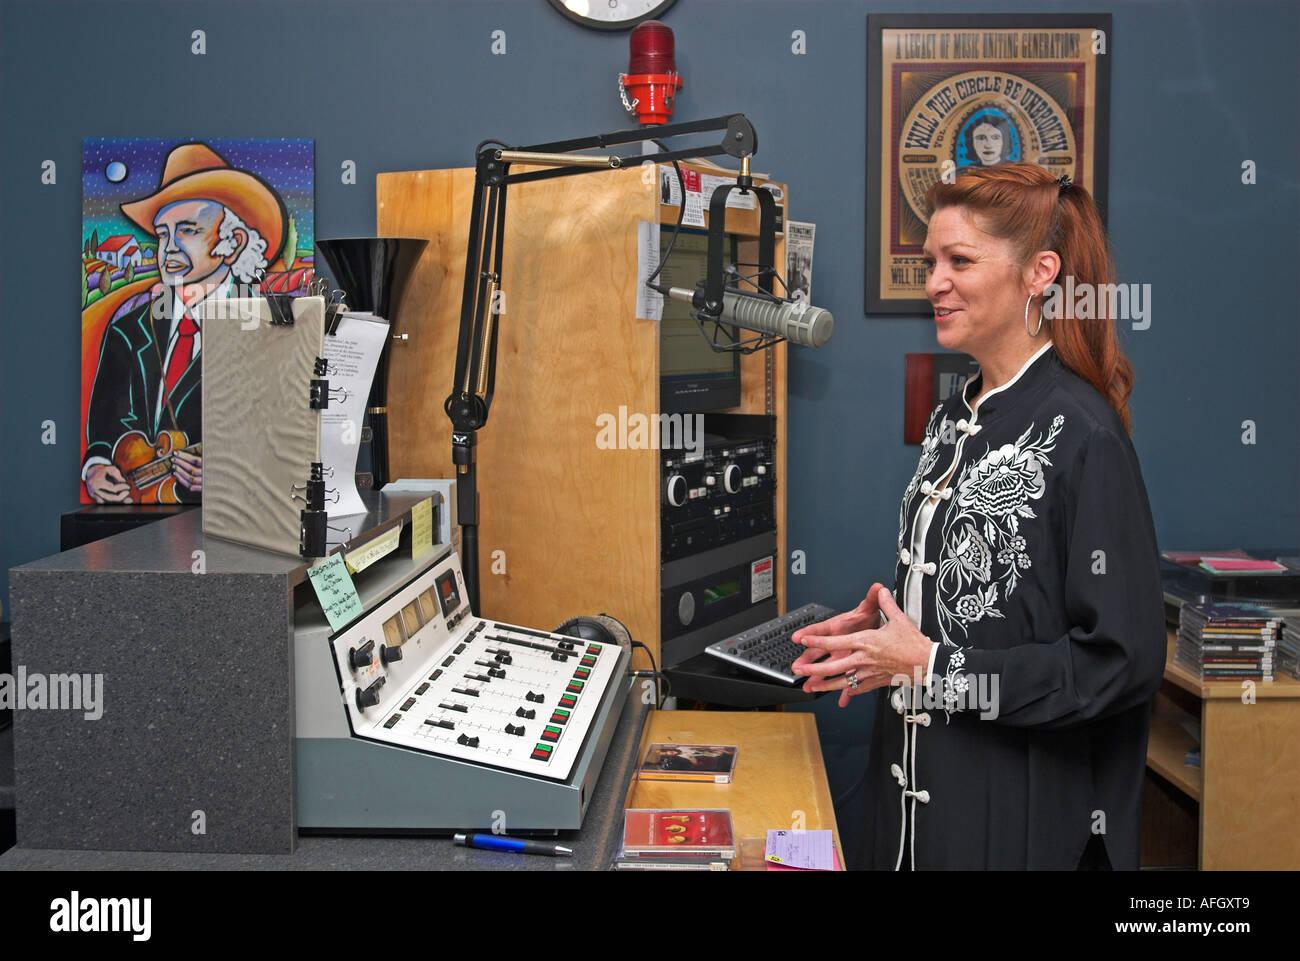 107.7 radio station knoxville tn